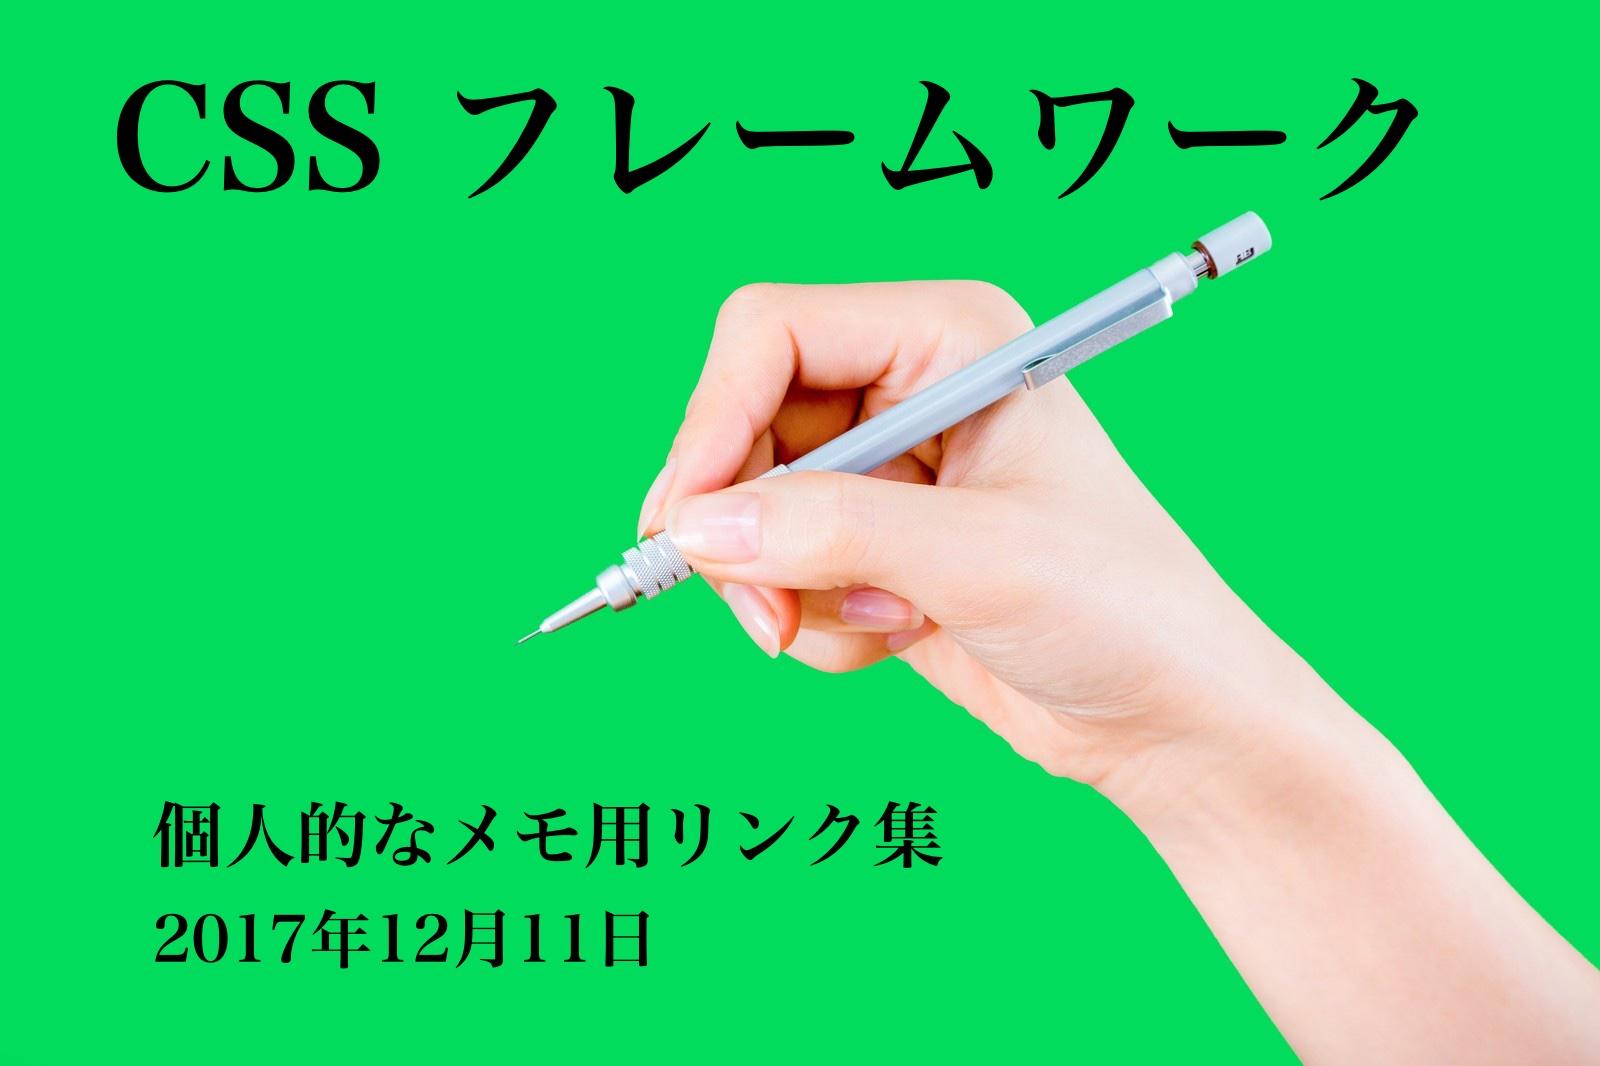 CSSフレームワーク リンク集 ひかげまとめ 2017-12-11